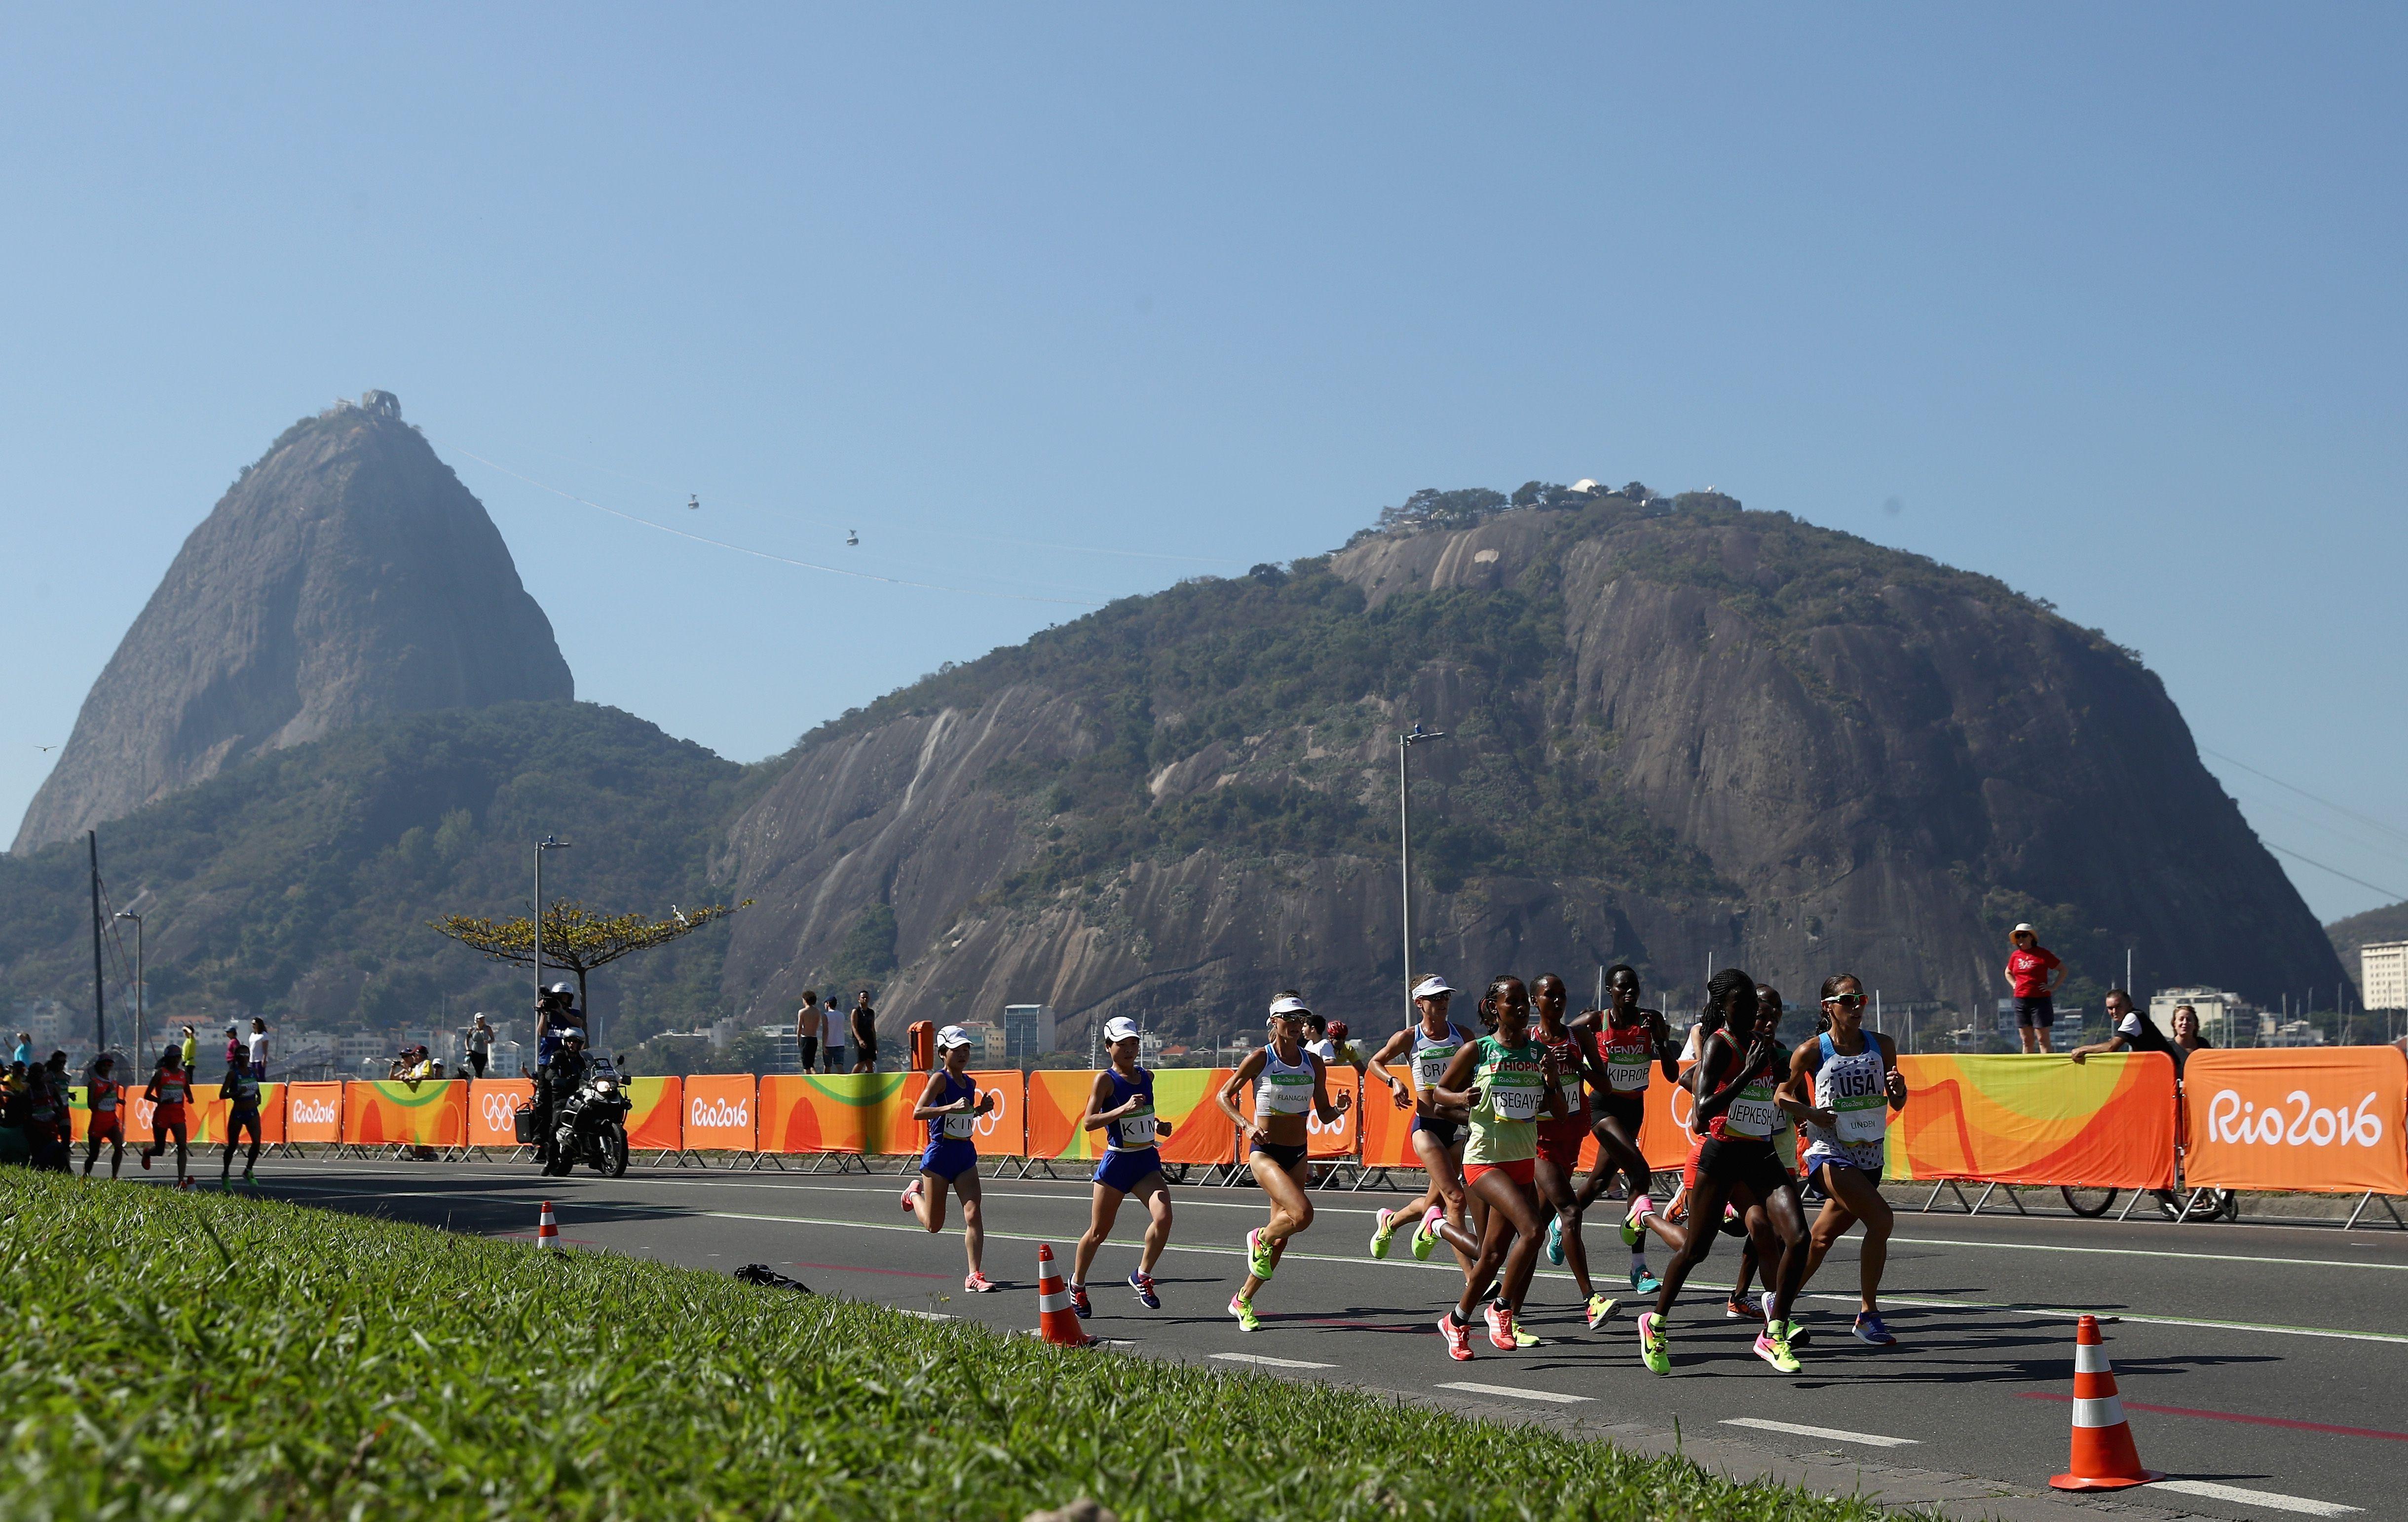 Juegos Olímpicos del Maratón de Río 2016